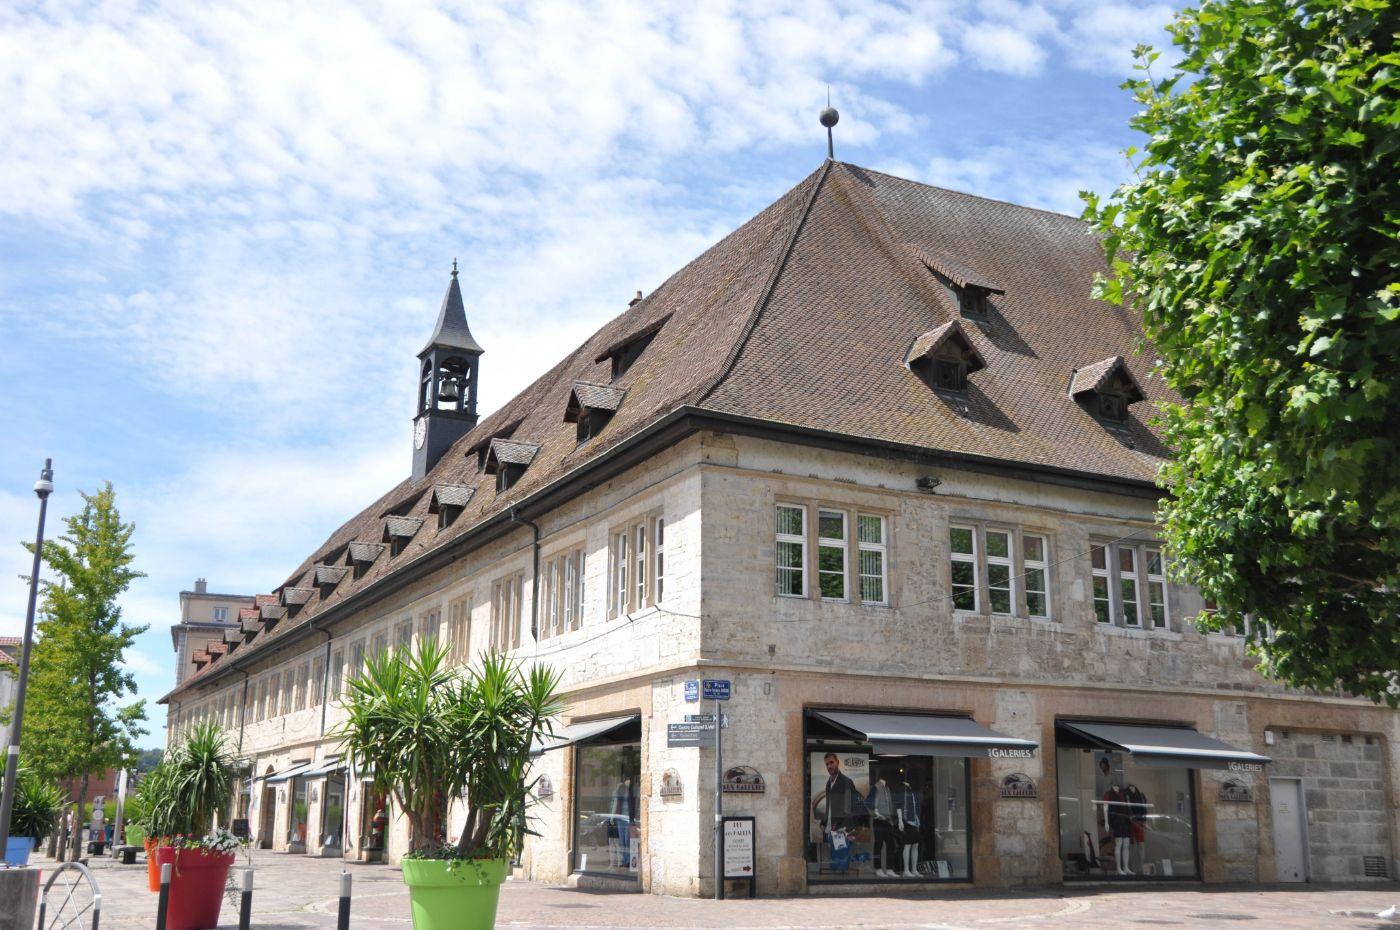 Halles de Montbéliard - blog La Marinière en Voyage